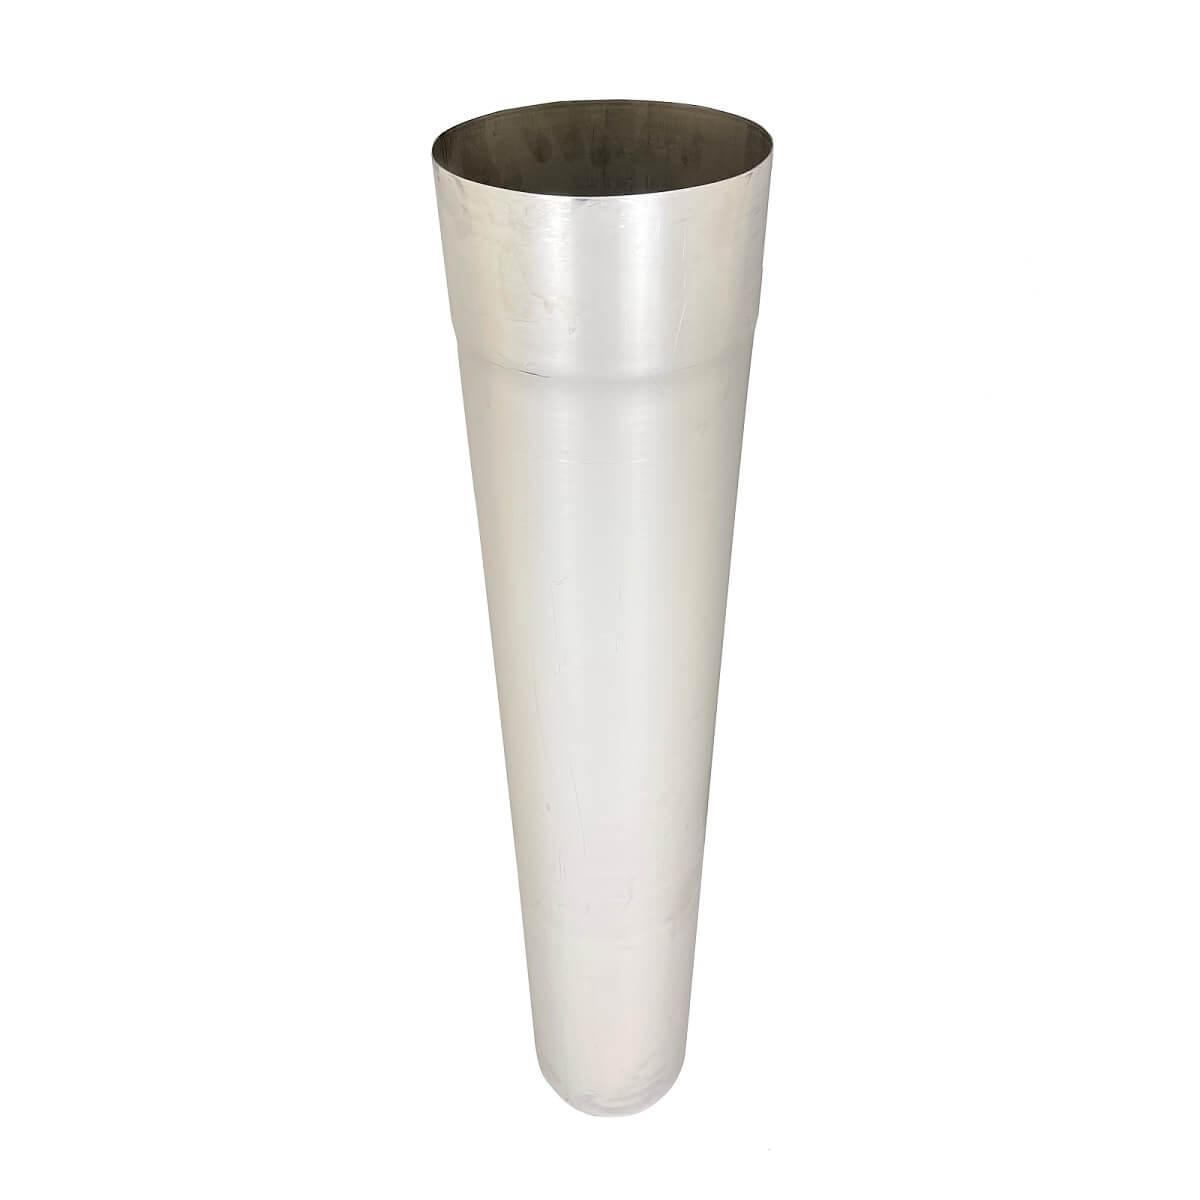 Труба для дымохода L-0,3 м D-130 мм толщина 1 мм